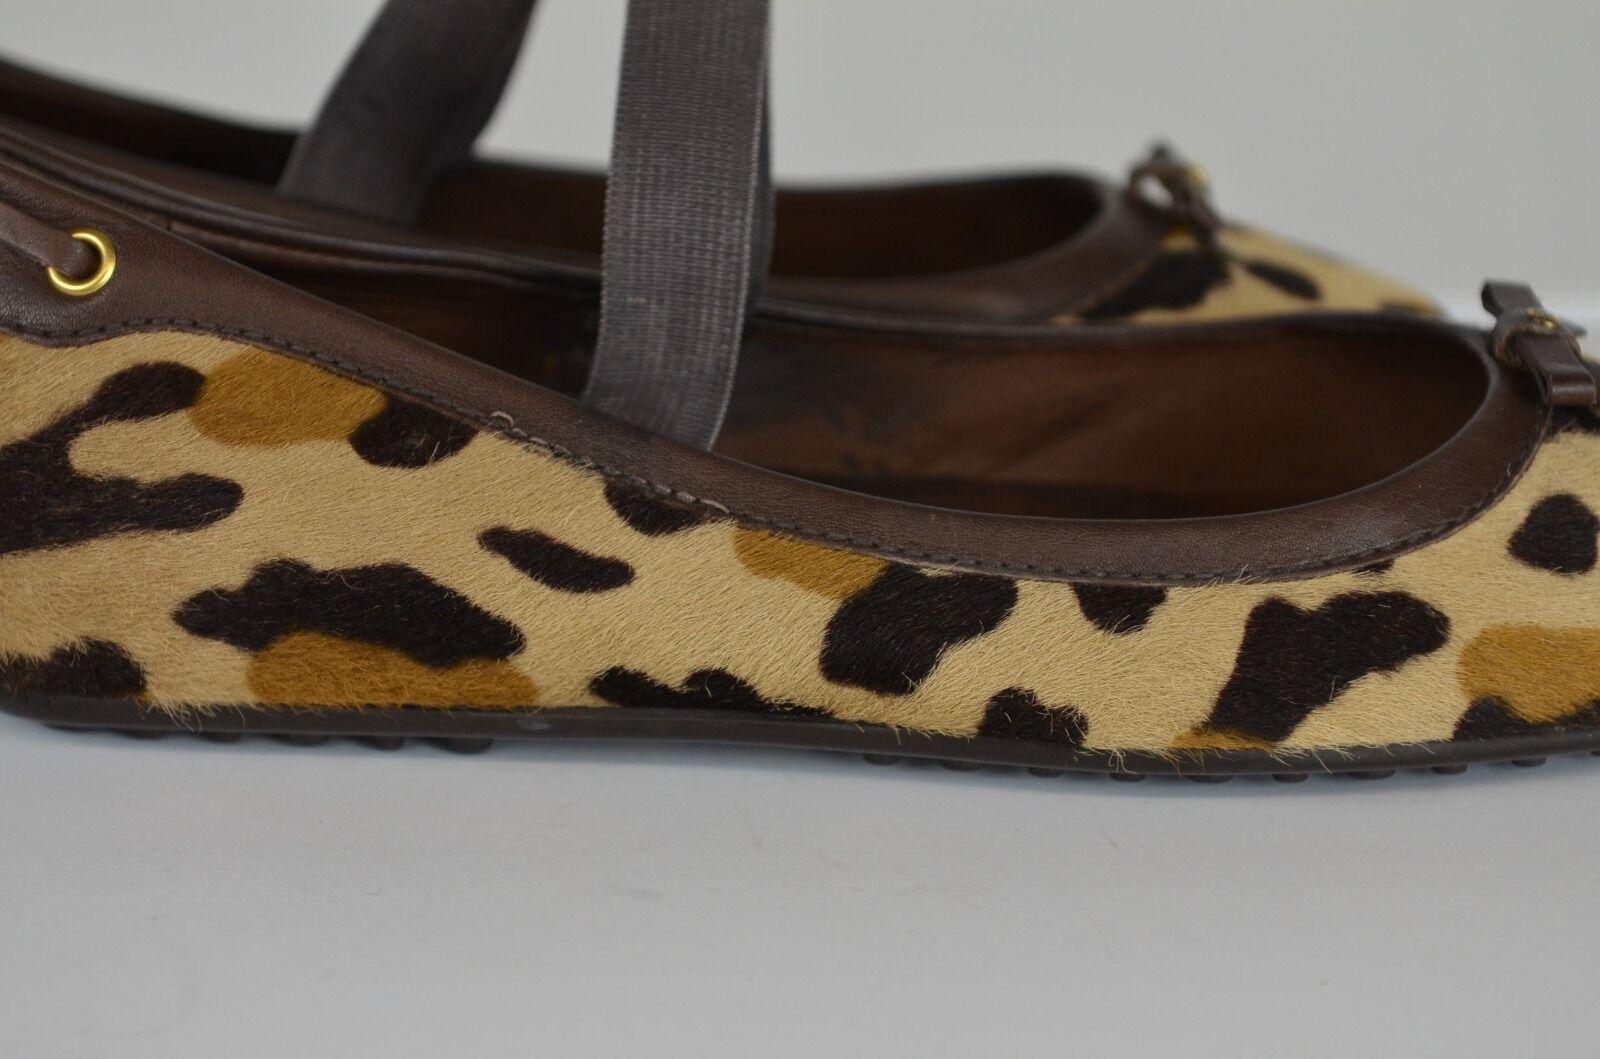 The Original Car shoes Leopard Print Women's shoes Size 38.5 Europe Size 8 US